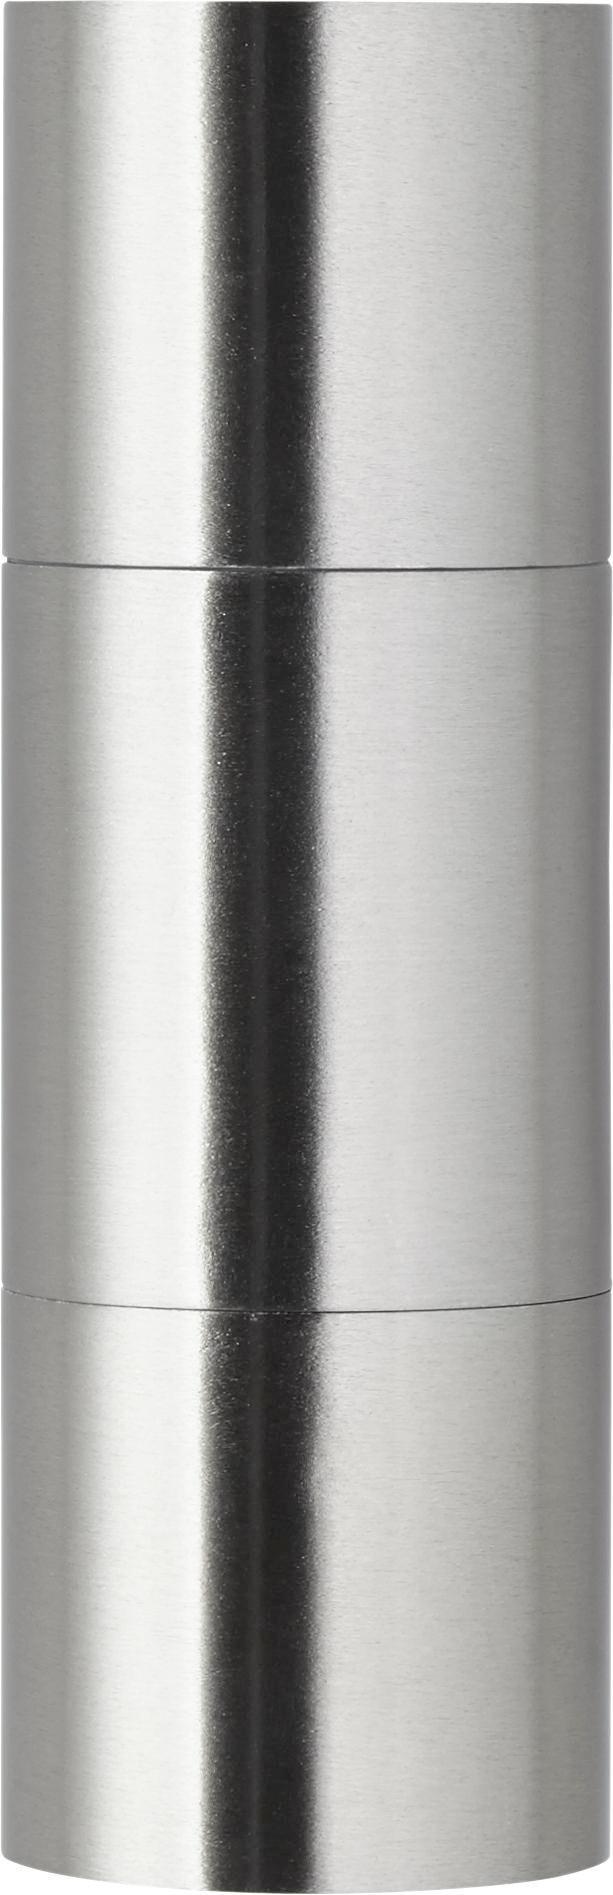 Außenleuchte Kenzo - Edelstahlfarben, MODERN, Glas/Metall (6/18cm) - MÖMAX modern living